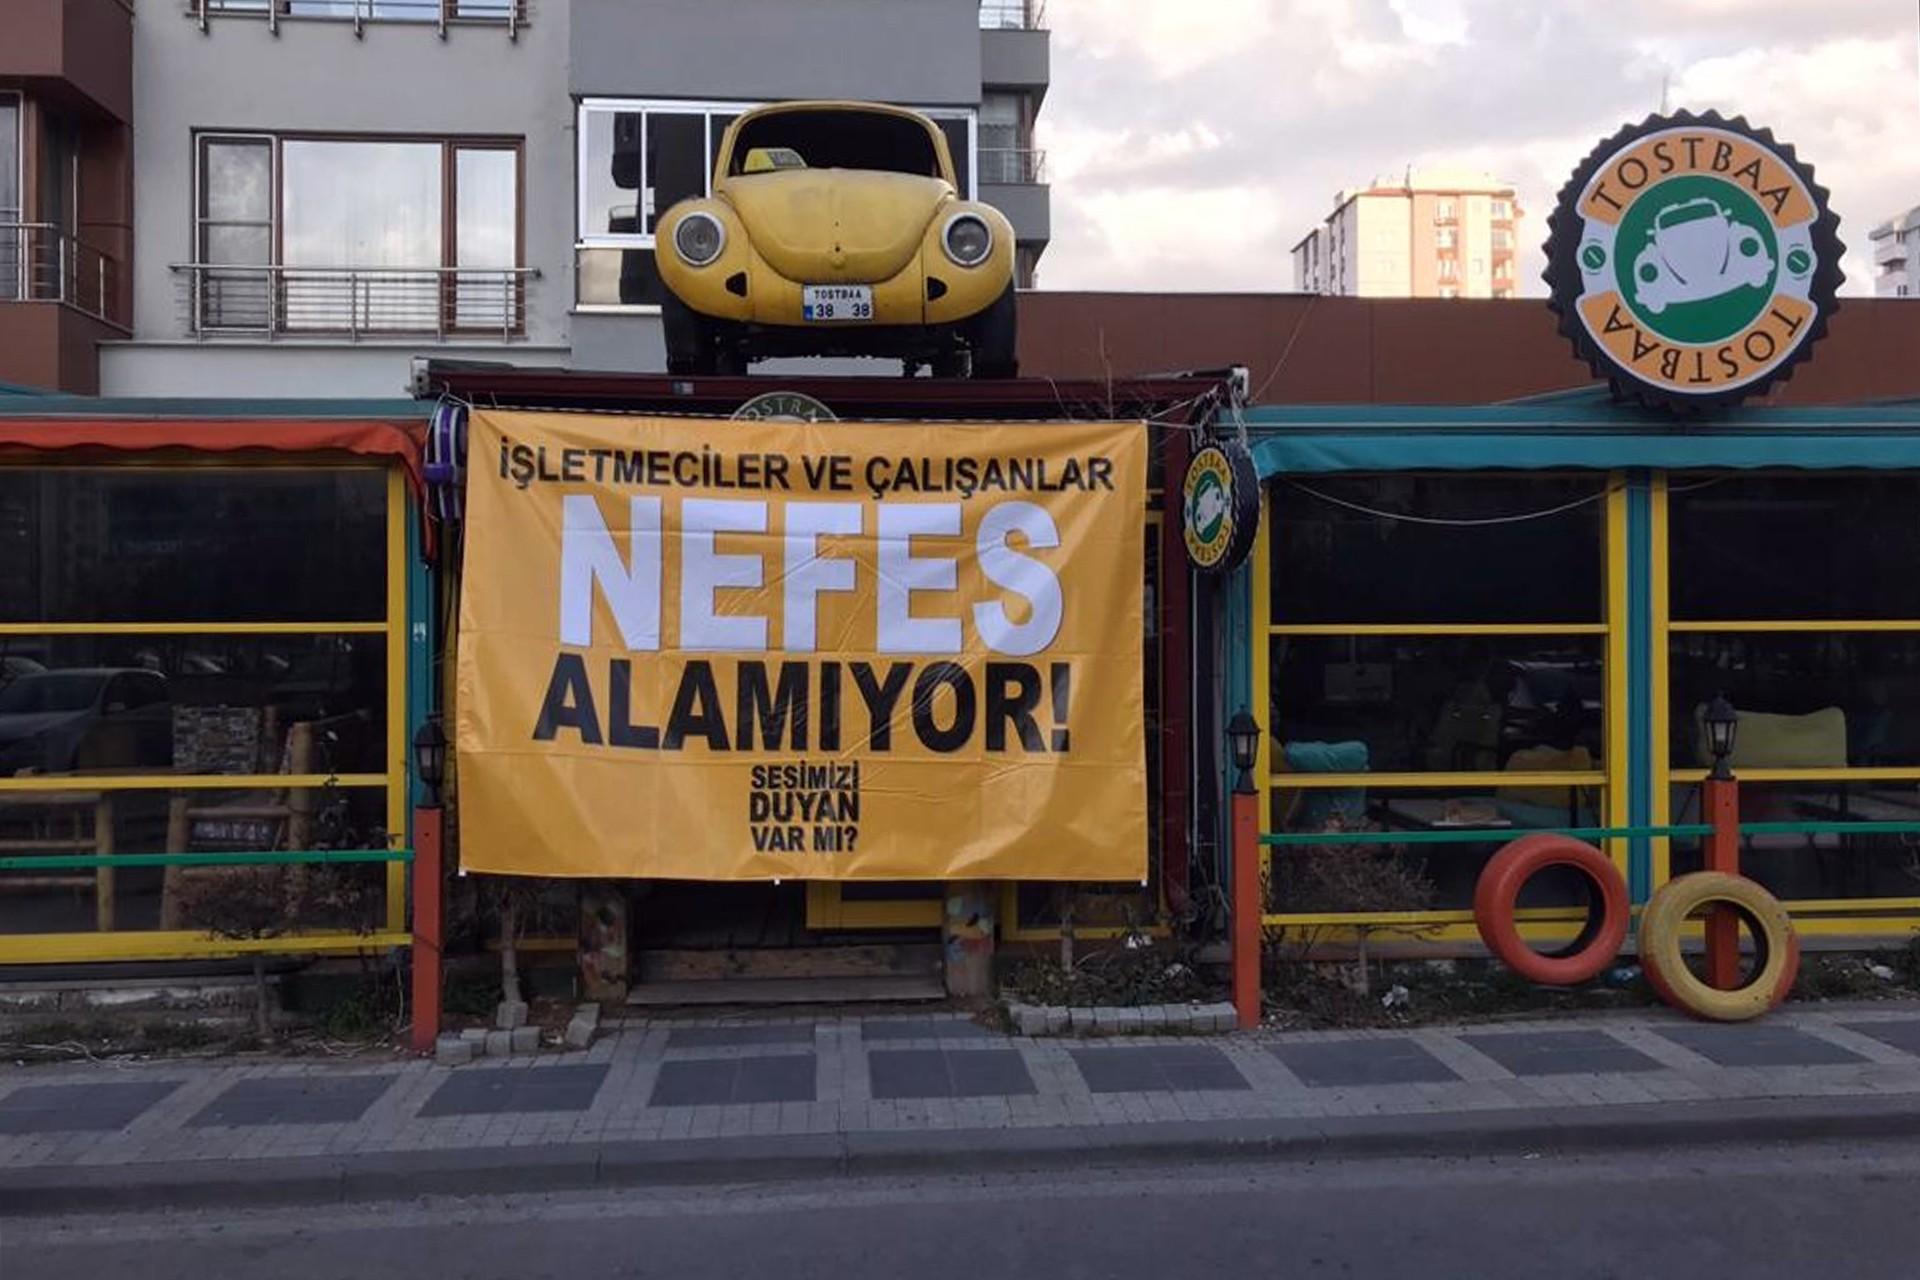 Kayseri'de kafe işletmecileri ve çalışanlar işyerlerine astıkları afişlerle seslerini duyurmaya çalışıyor.